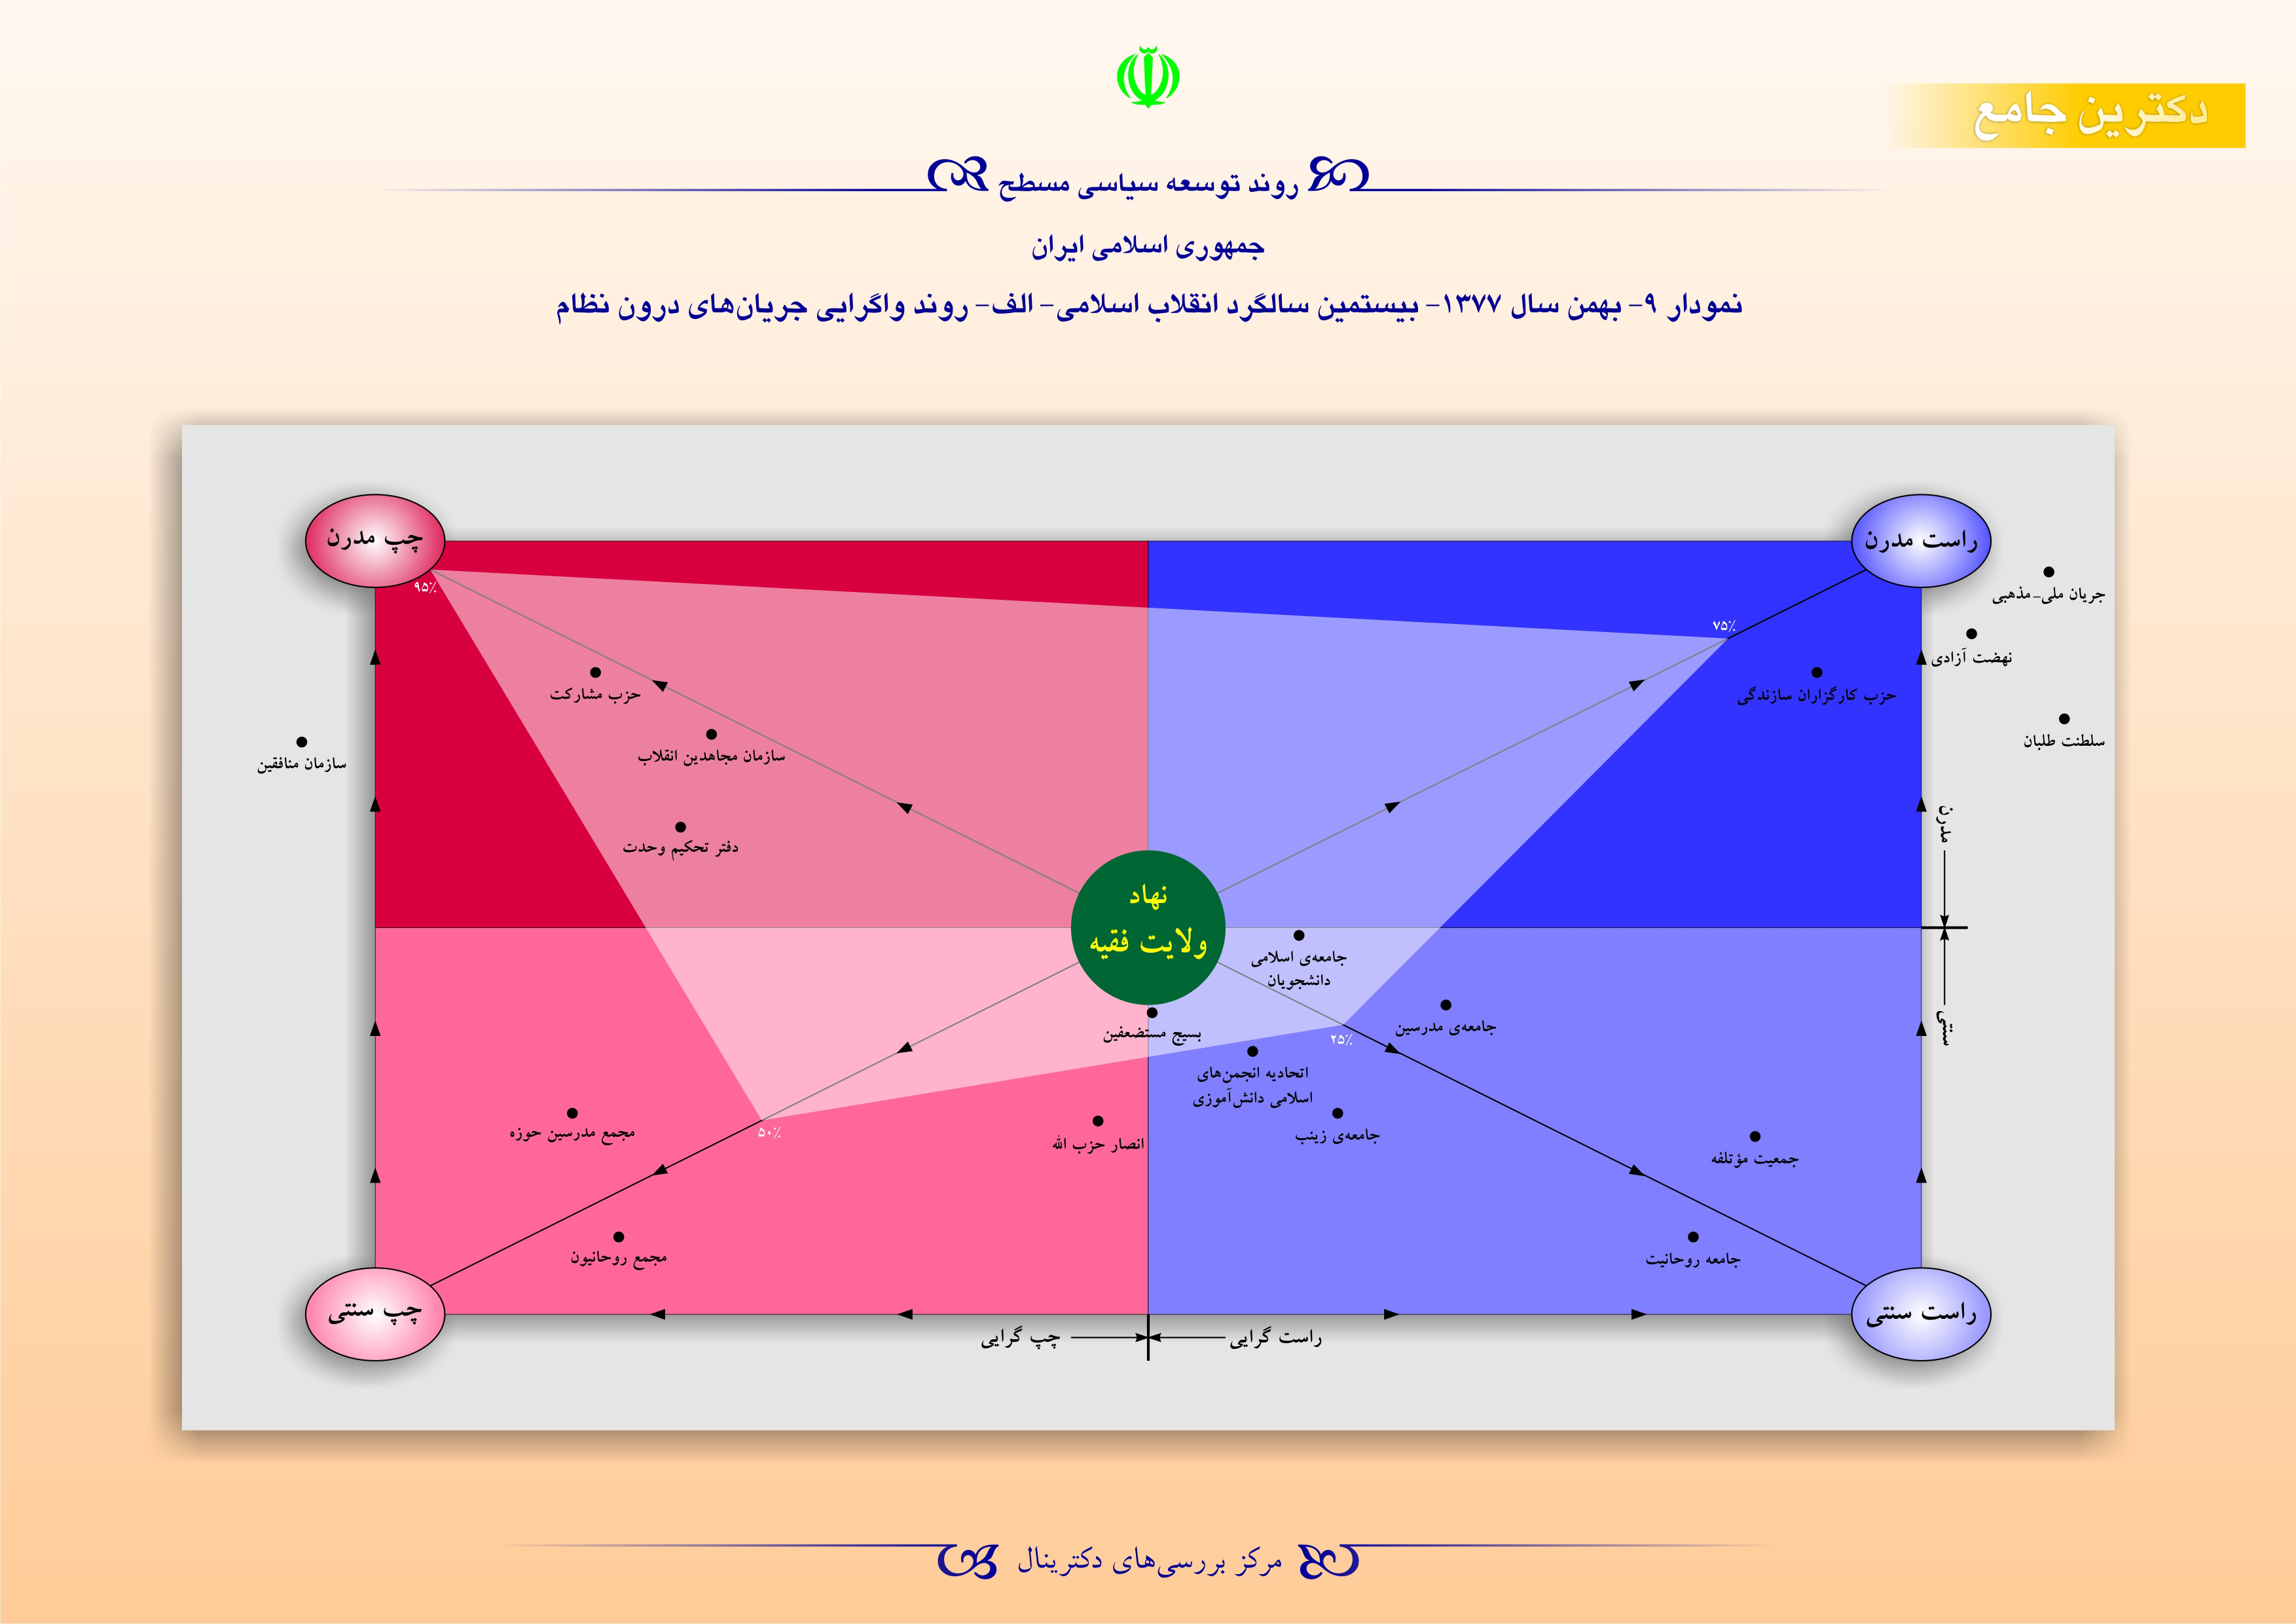 روند توسعه سیاسی مسطح جمهوری اسلامی ایران - بهمن سال 1377